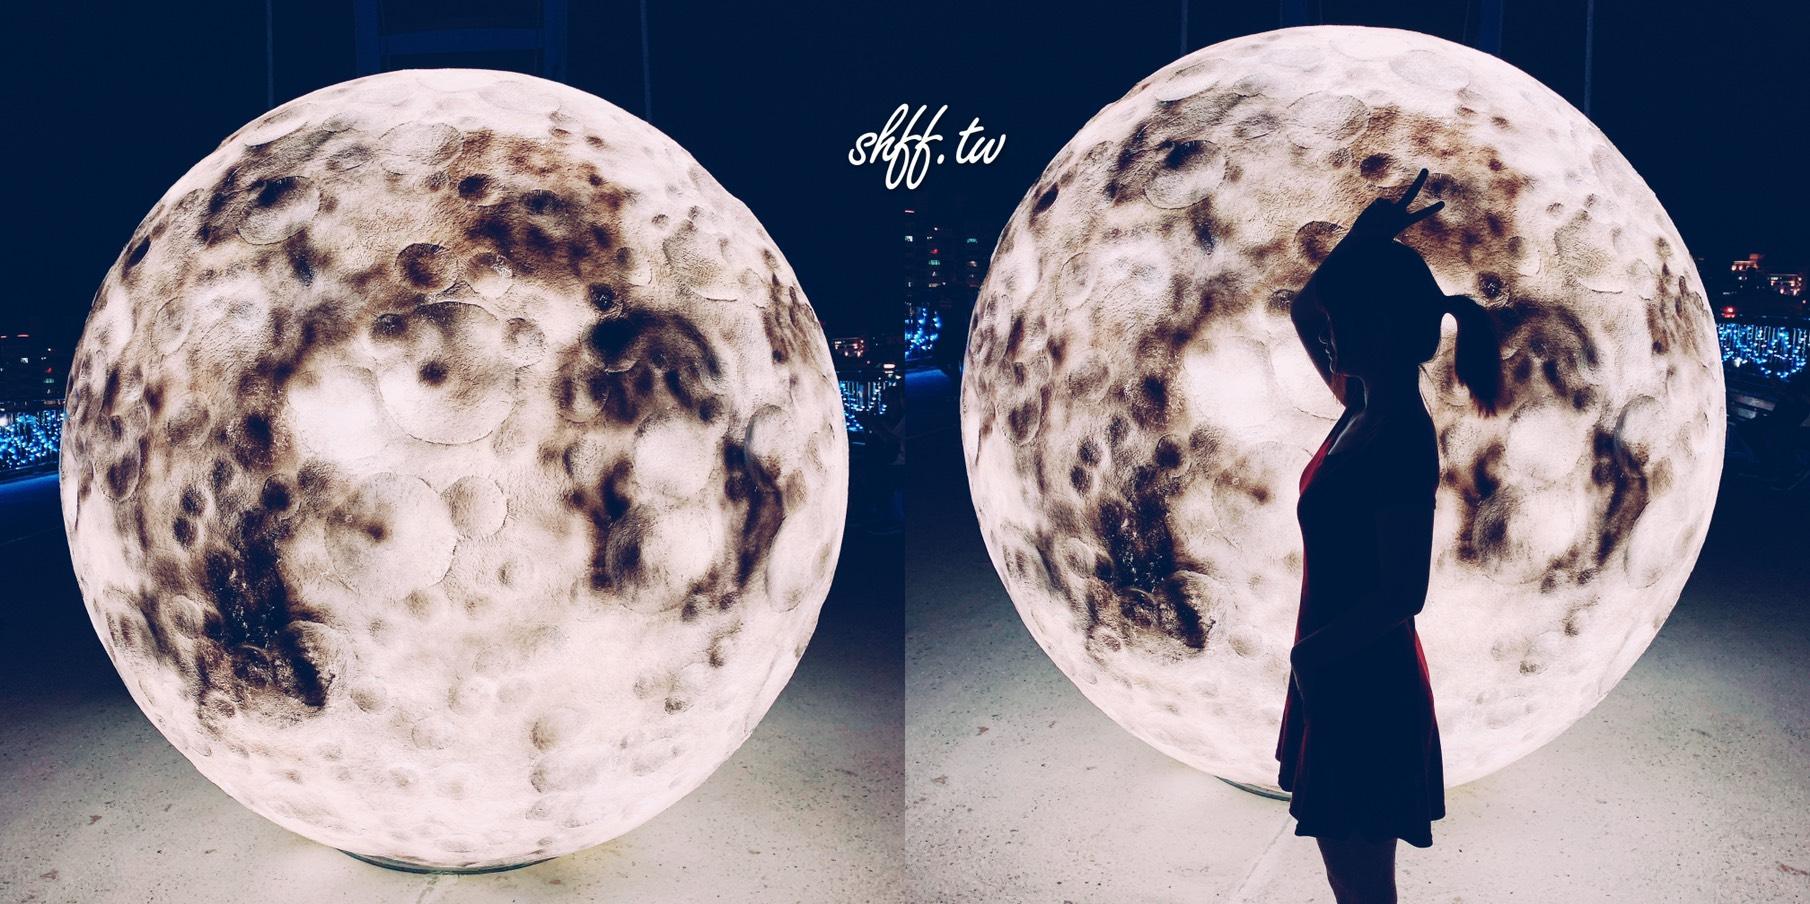 打卡了嗎?超美月亮在新莊!新月橋上的浪漫地球,IG必拍剪影照。